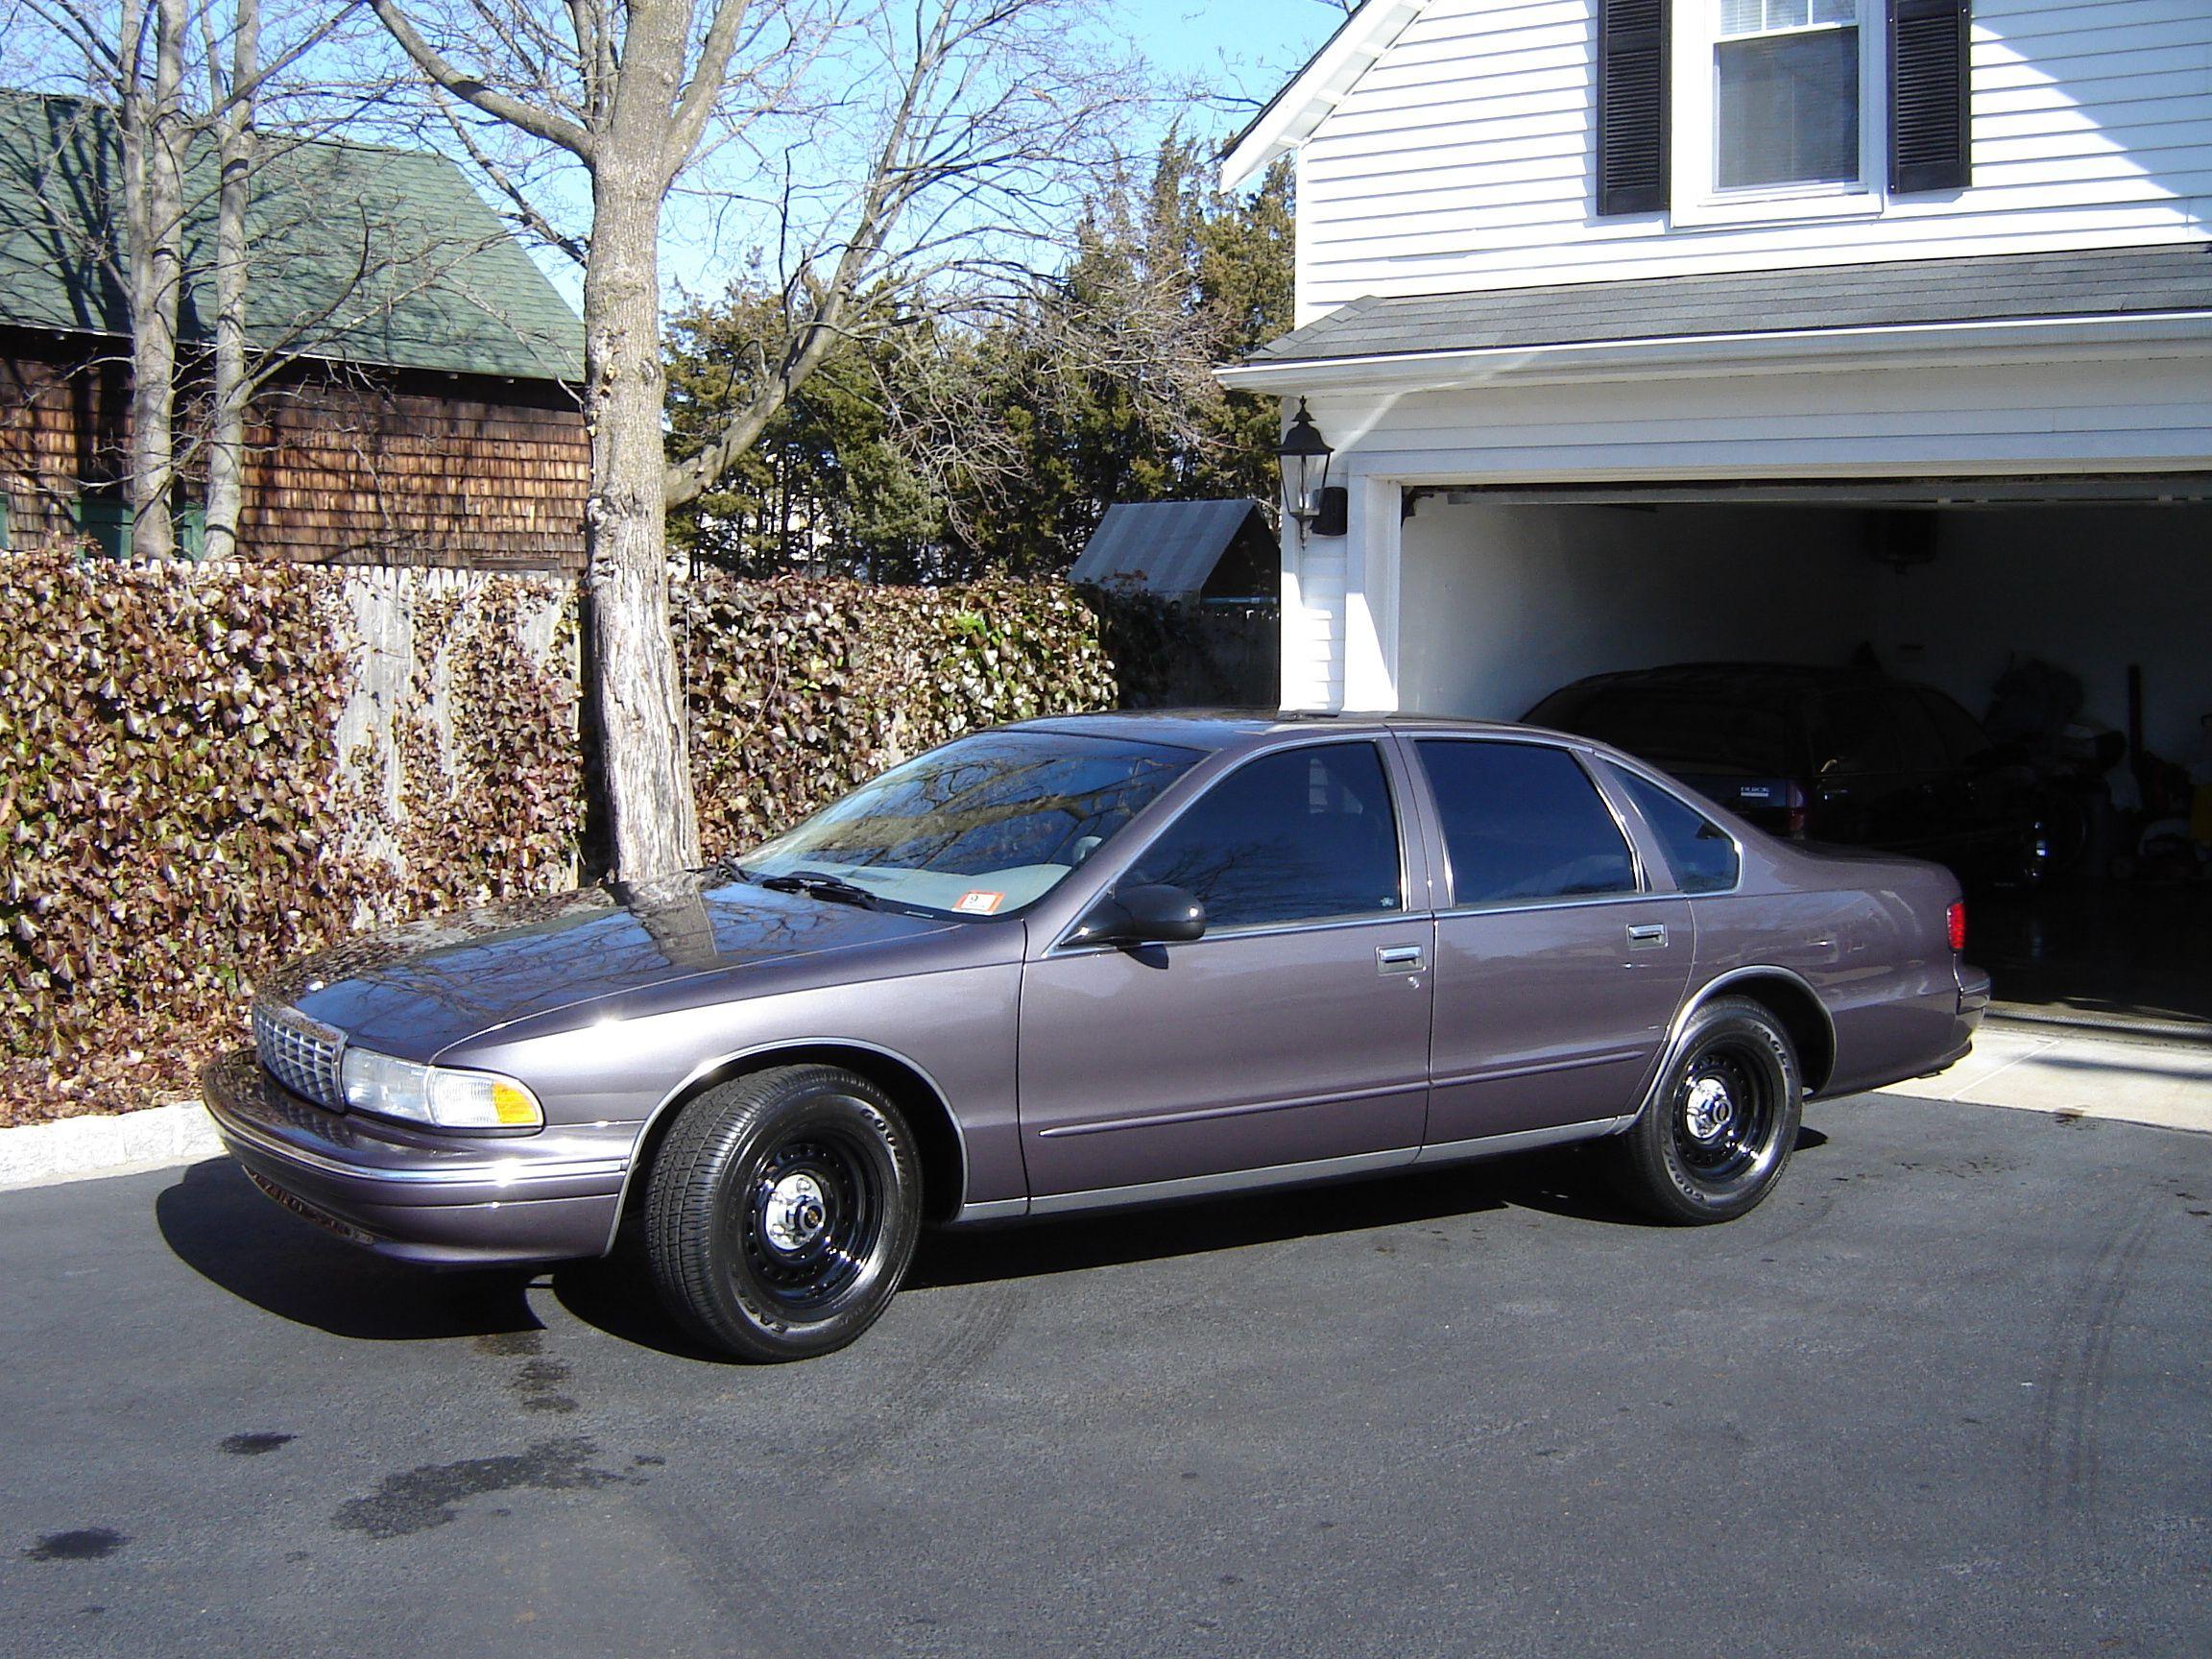 medium resolution of 1995 chevrolet caprice cop car